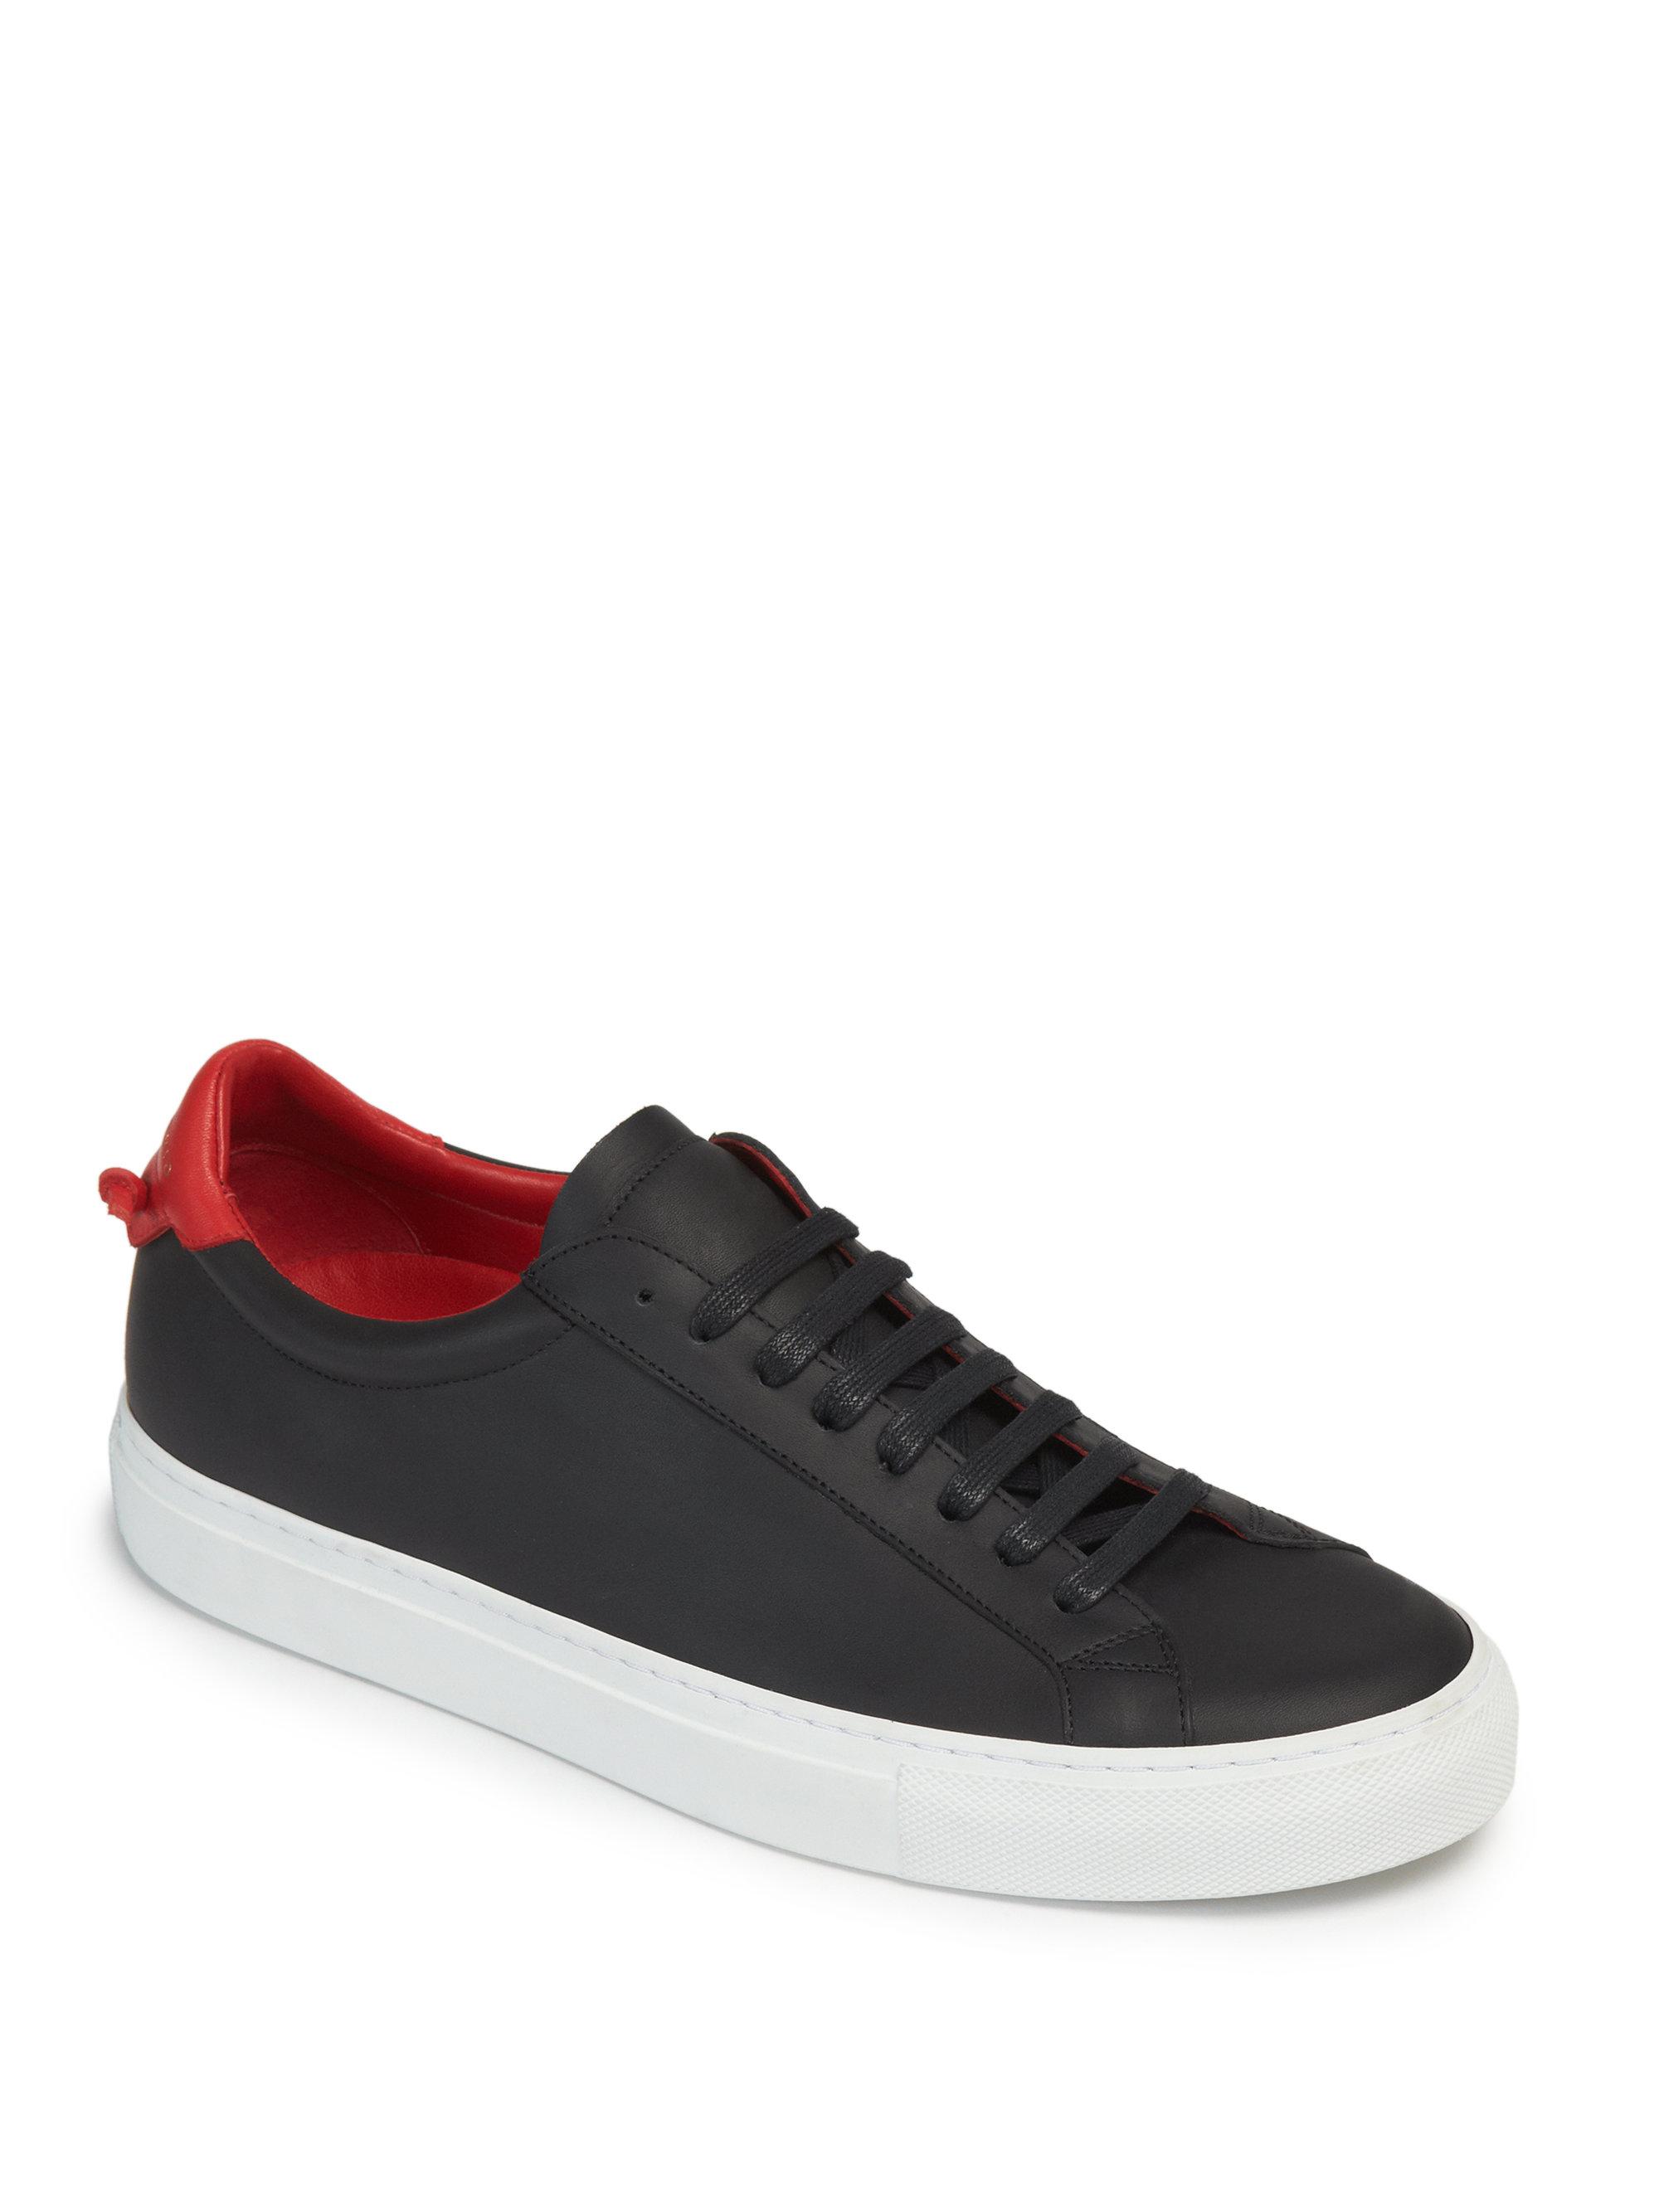 Sortie À La Recherche De Givenchy Black Suede Urban Knots Sneakers Remises Vente En Ligne Meilleurs Prix Acheter Le Meilleur Endroit Pas Cher y8T8vlyl